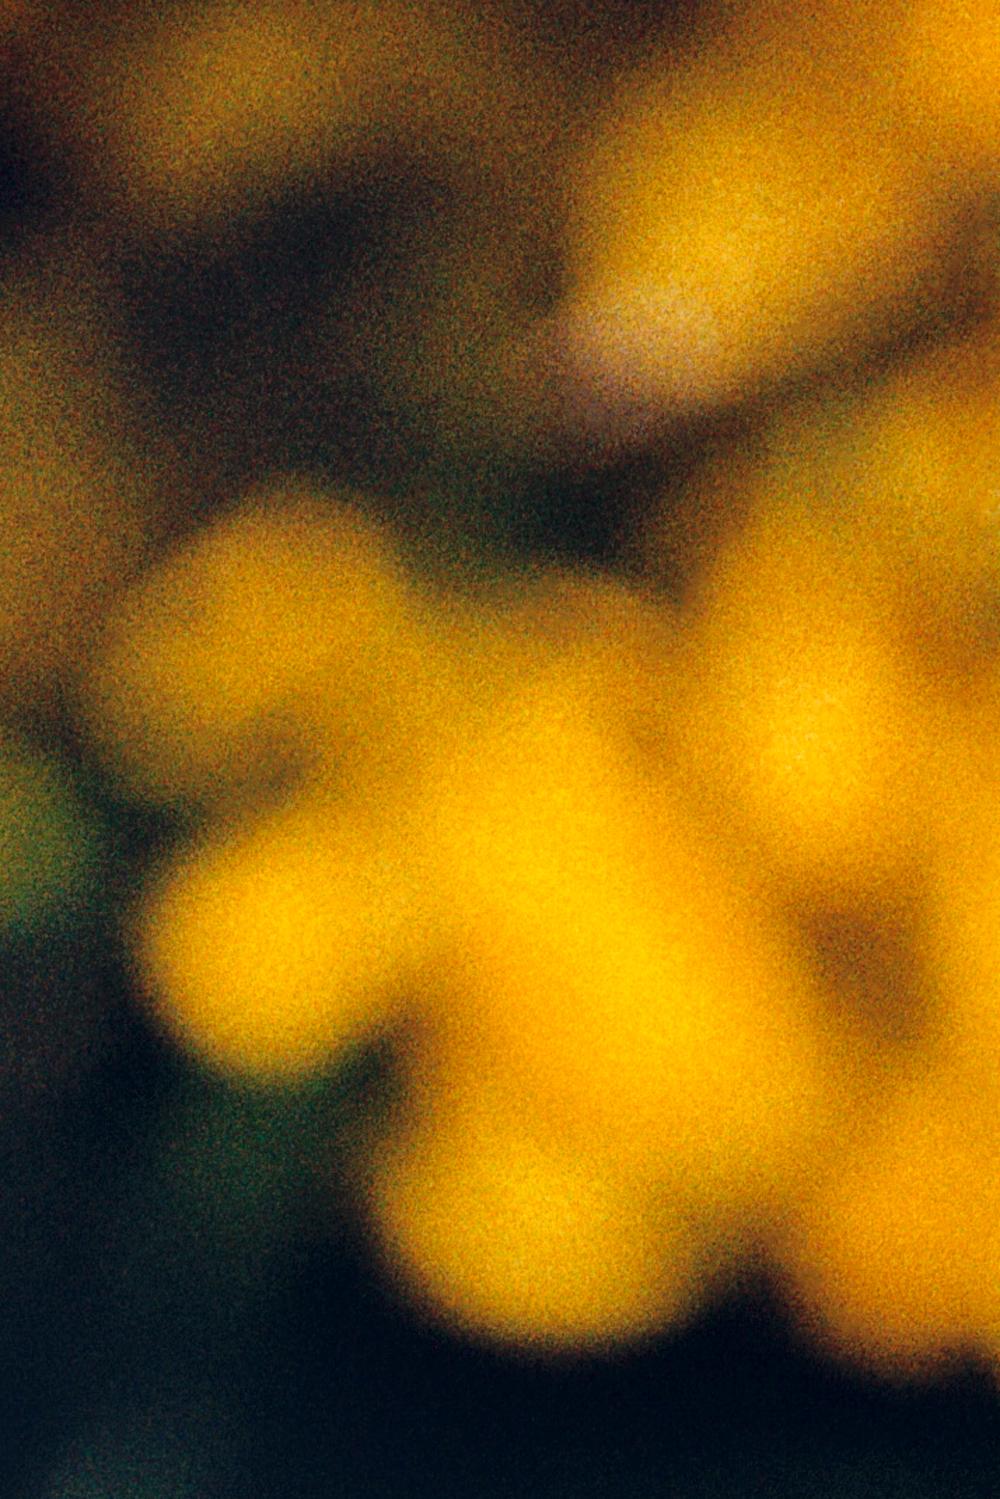 julien_capelle_fleurs_jaunes_flous.jpg